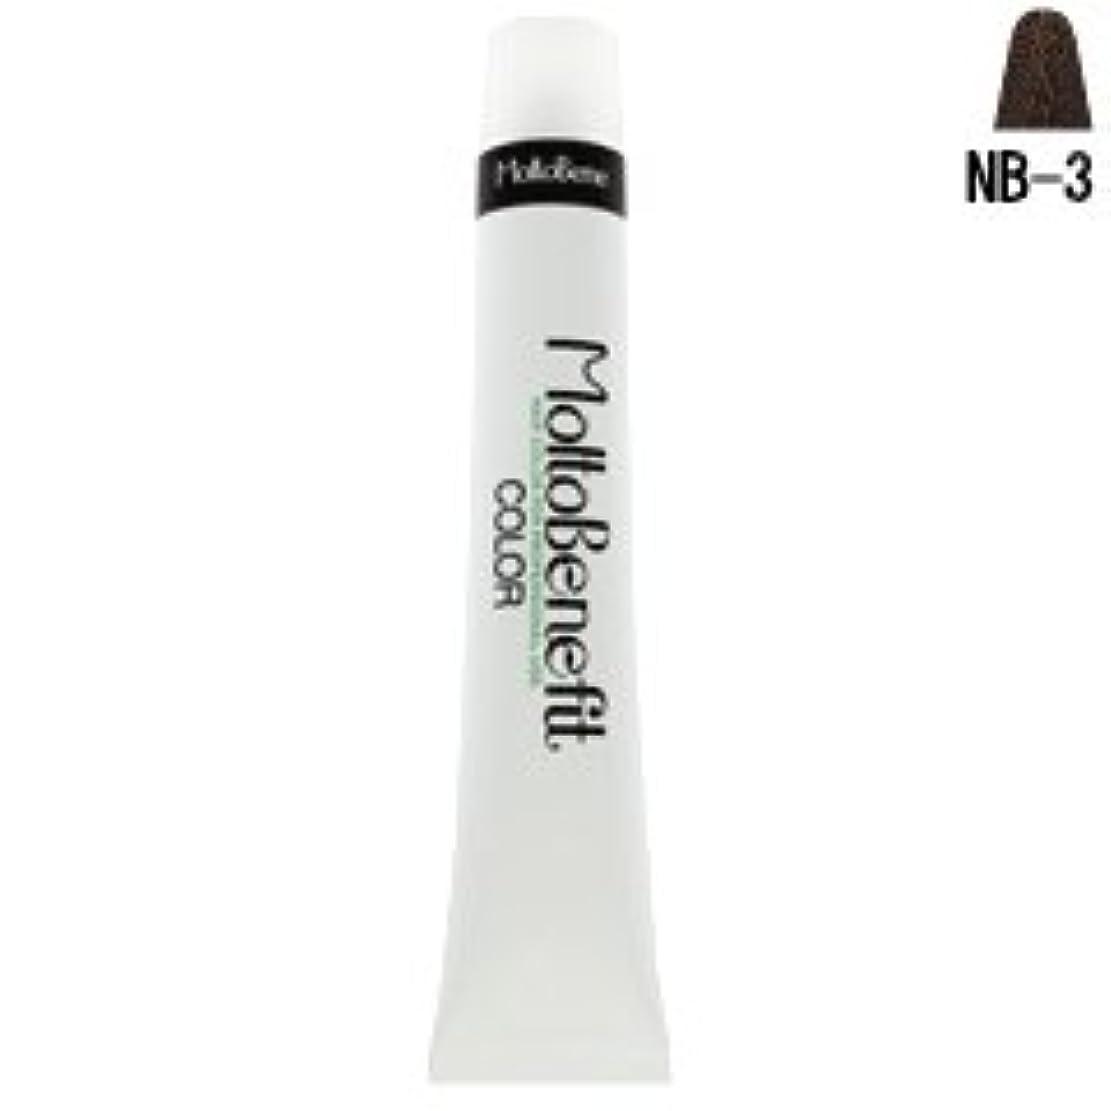 リスナー命令植物の【モルトベーネ】フィットカラー グレイナチュラルカラー NB-3 ナチュラルブラウン 60g